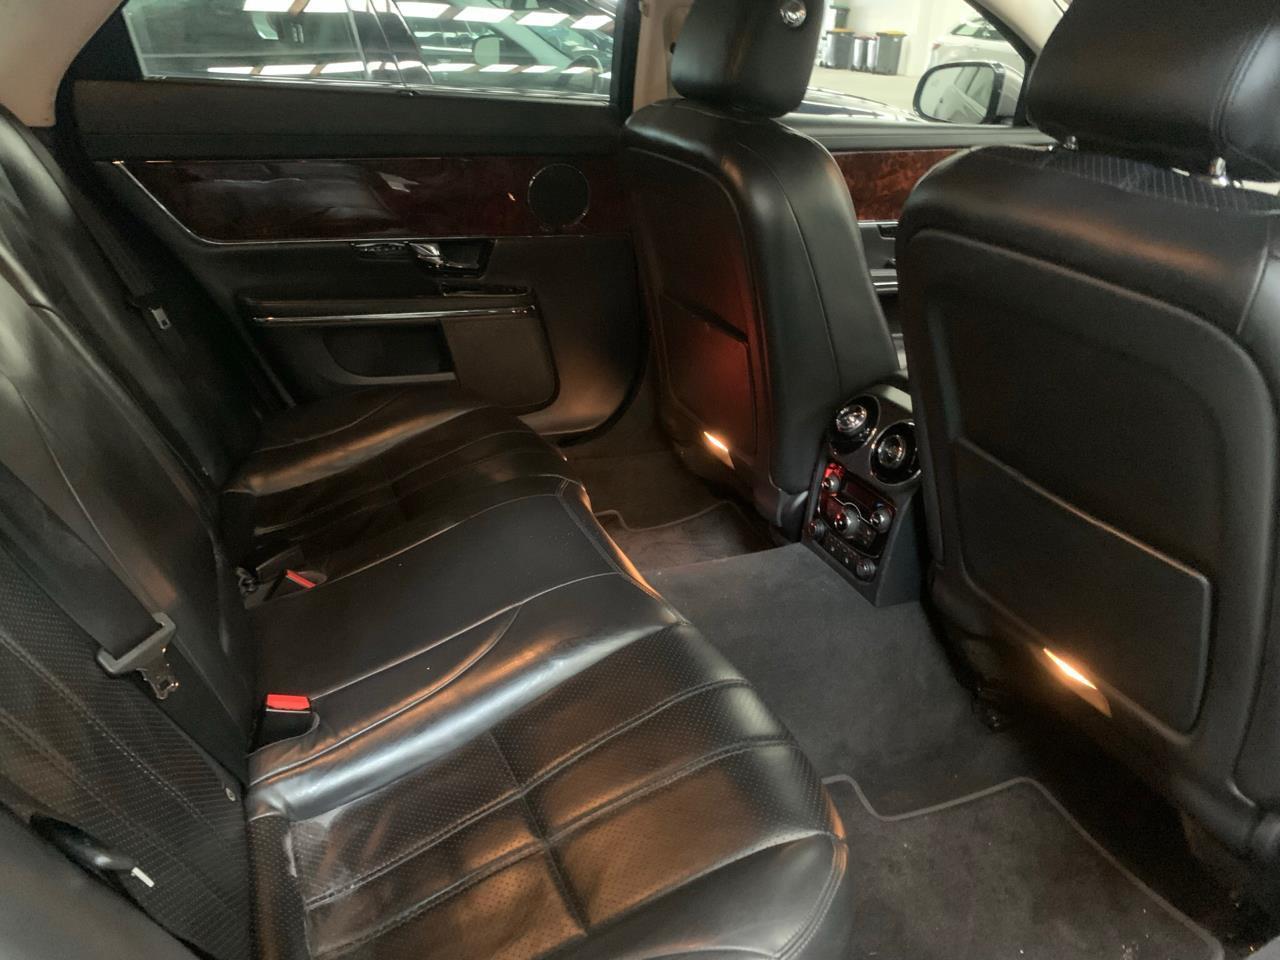 image-9, 2011 Jaguar XJ 5.0L V8 at Christchurch